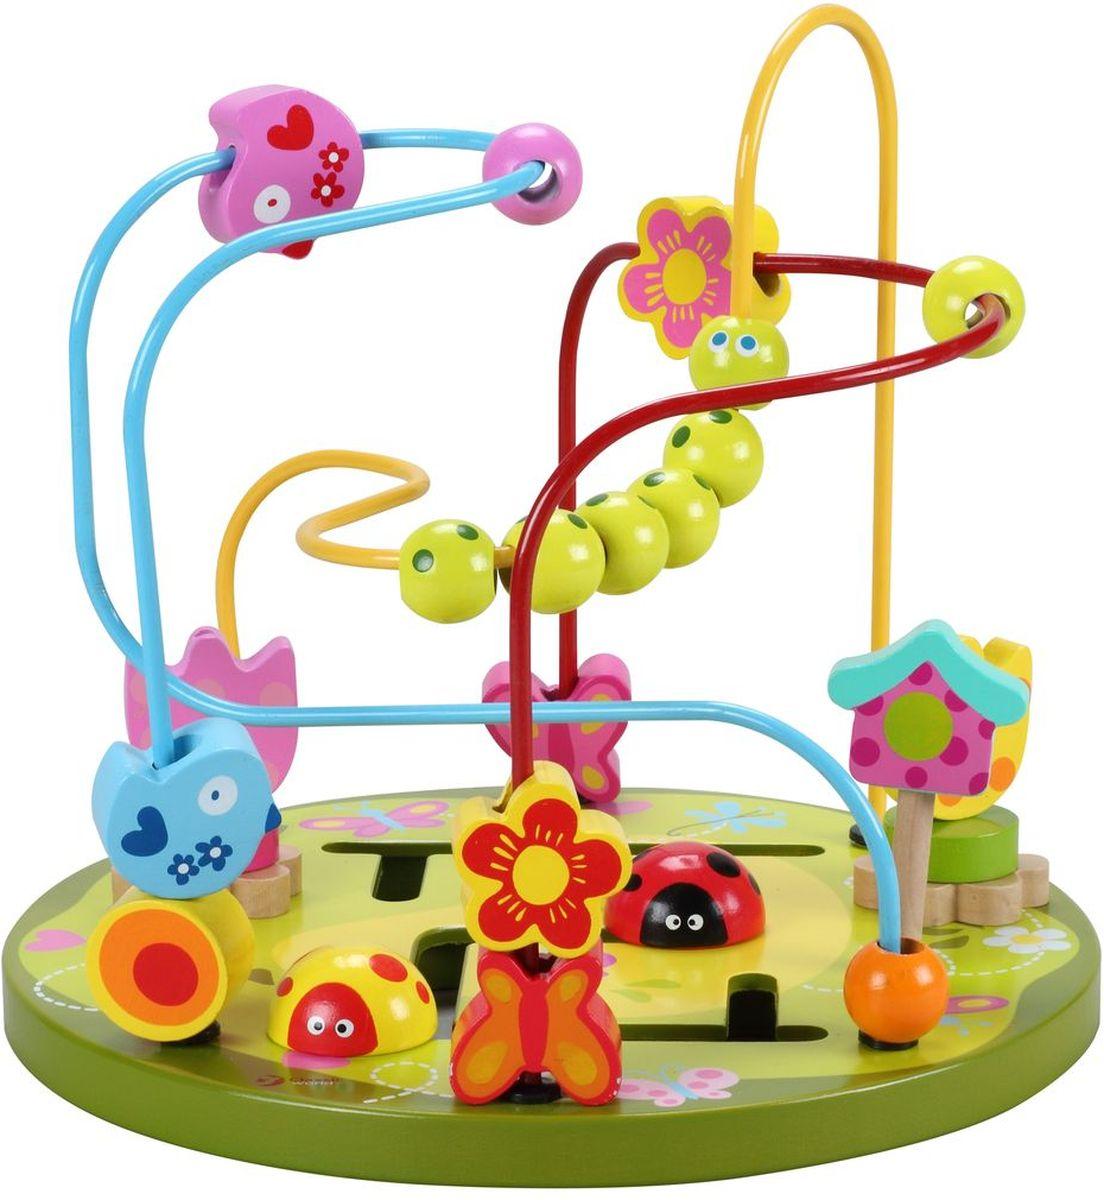 Classic World Сортер-лабиринт Цветочные горки4122Красивая игрушка с яркими фигурками и элементами надолго привлекает внимание детей. Детям нравится перекатывать бусины и фигуры по изогнутым в разных плоскостях проволокам. Во время игры ребенок учится анализировать: как сделать так, чтобы фигурка с одного конца лабиринта переместилась на другой, чтобы нанизанные на проволоку детали не столкнулись между собой. Перекатывая фигурки по проволоке, ребенок развивает пространственное мышление и мелкую моторику. А яркая расцветка игрушки будет способствовать развитию зрения и цветовосприятия малыша. Элементы конструктора помогают развить логику, выучить формы и цвета.